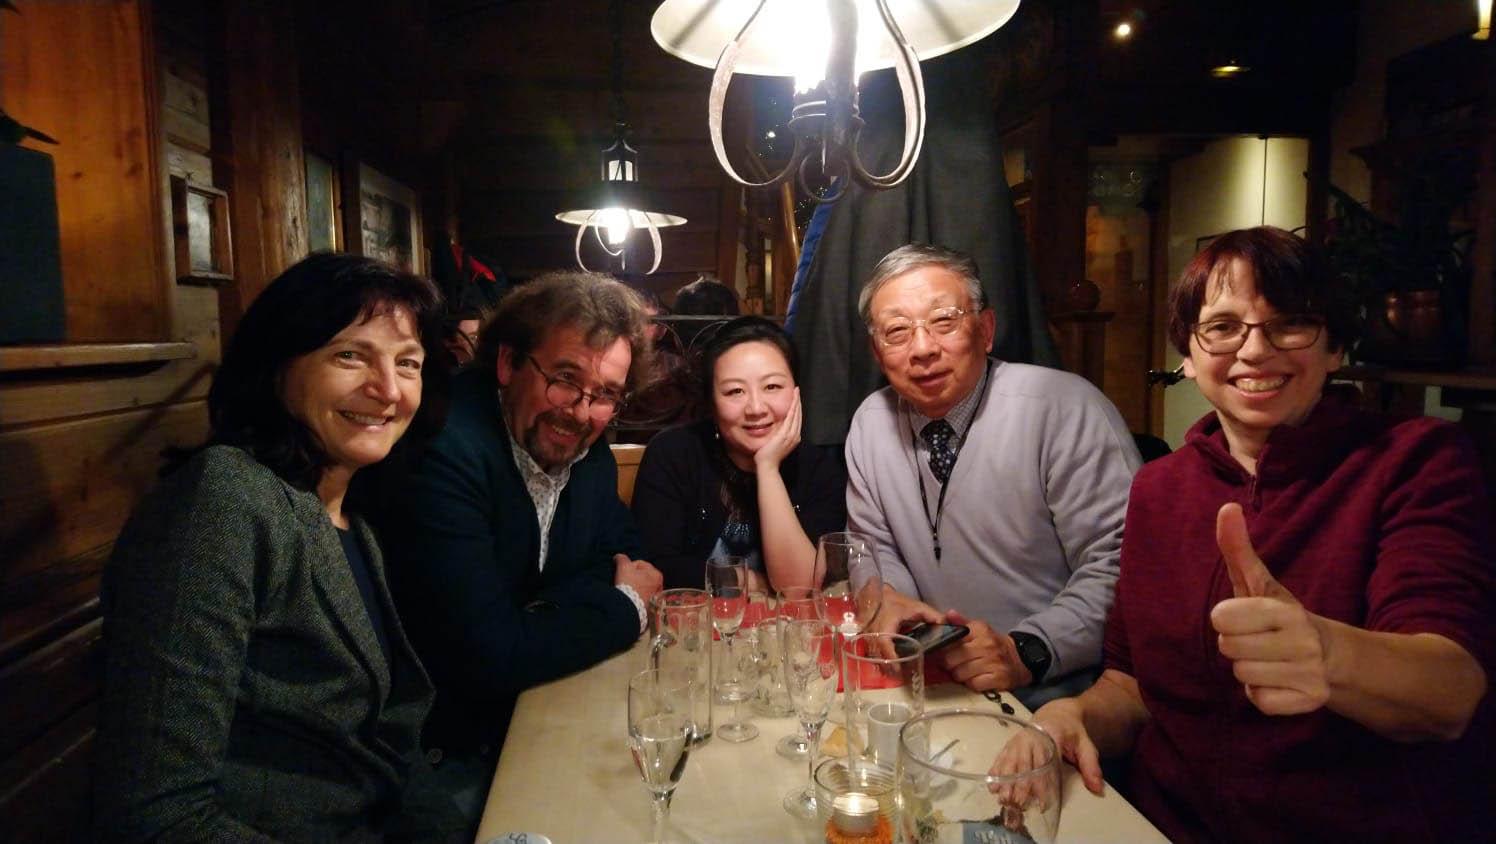 Birgit Birchner, Dr. Norbert Schürgers, Wang HaunHuan, Sun Chuanbin, Heike Hahn